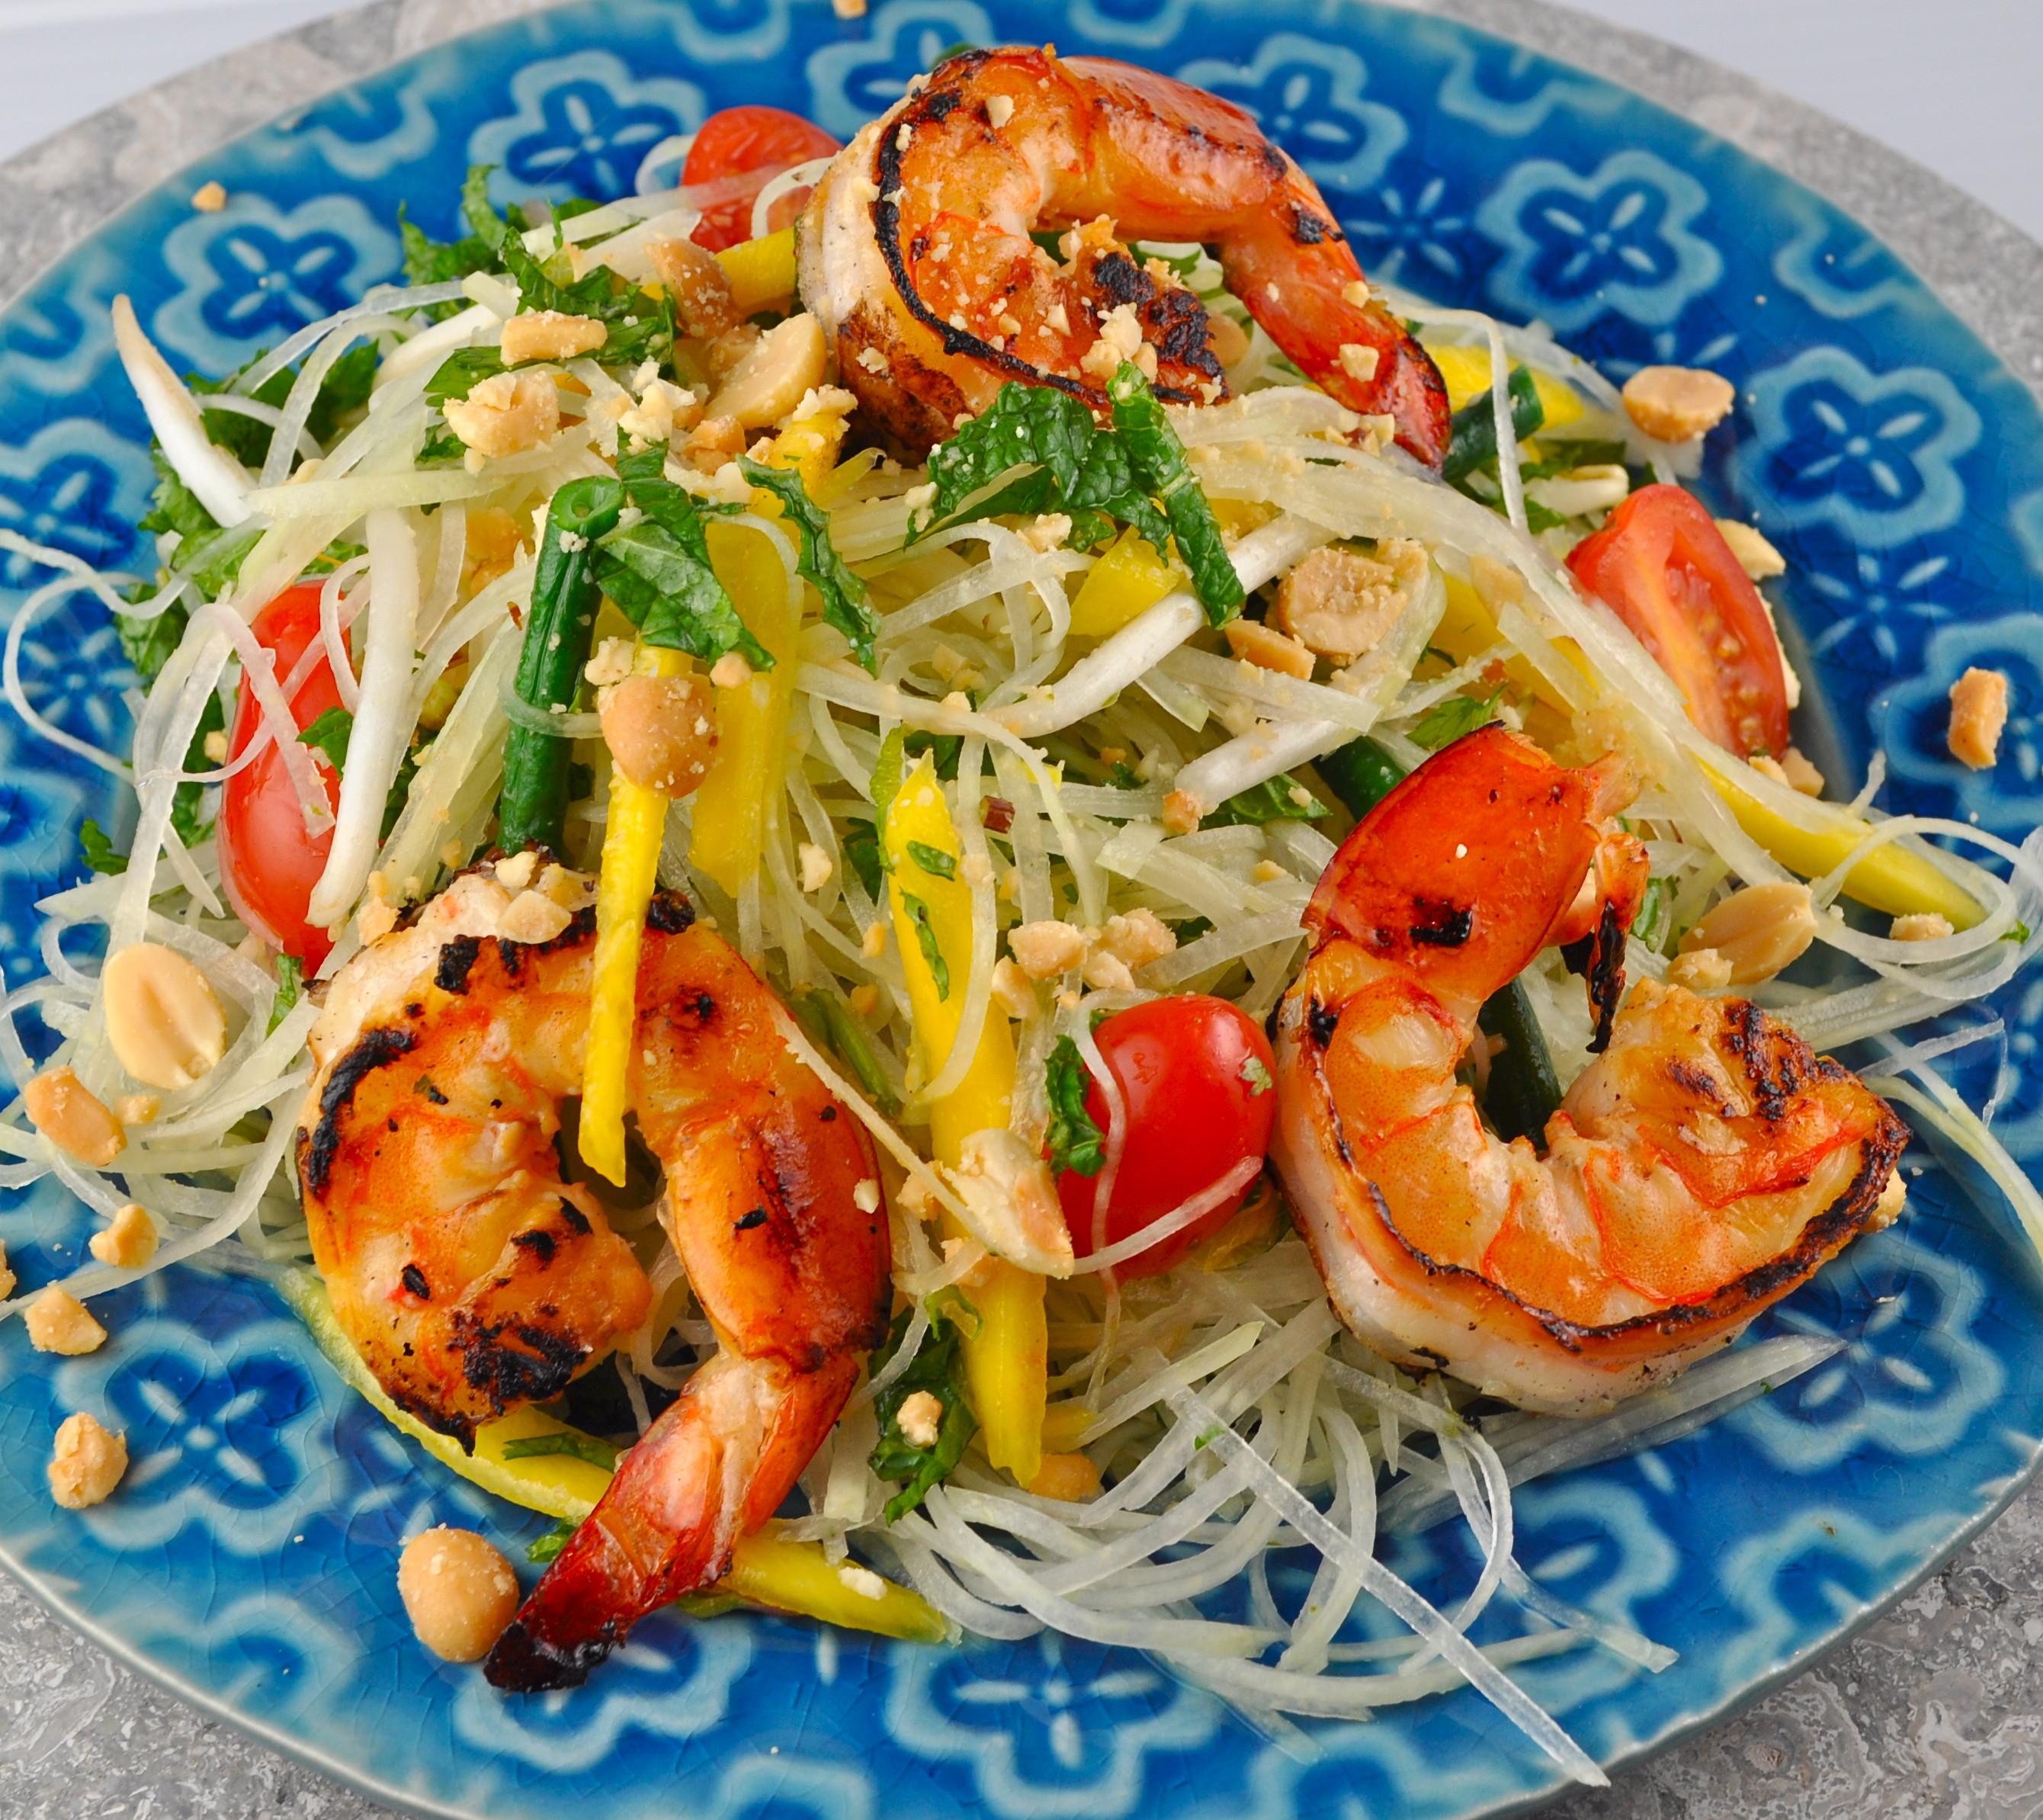 Healthy Shrimp Salad Recipes  Healthy shrimp green salad recipes Food salad recipes